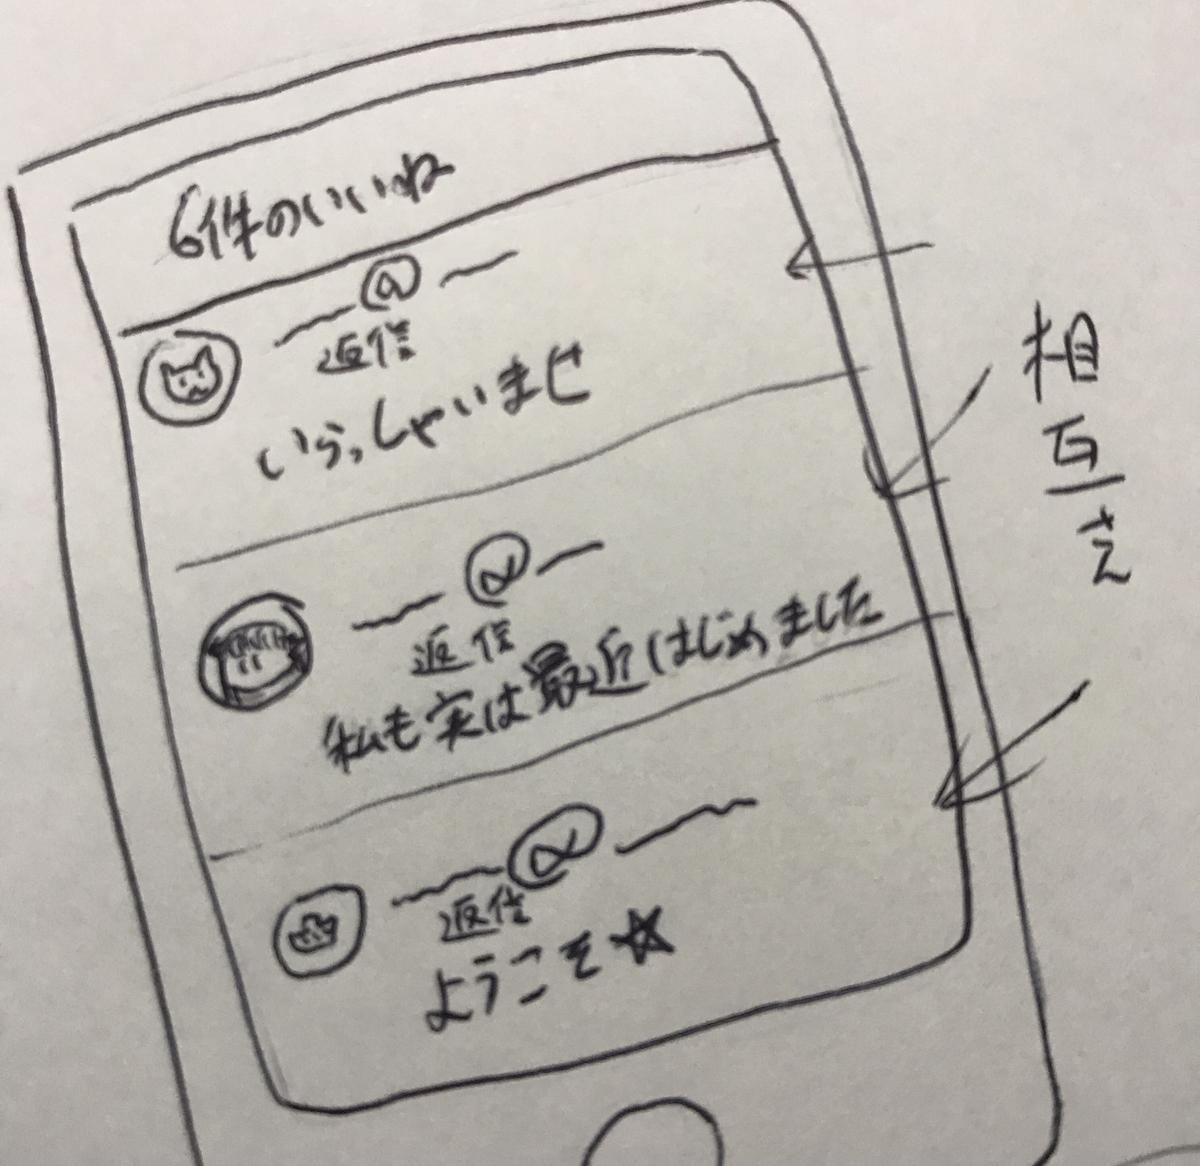 f:id:nushi-mon:20191008170525j:plain